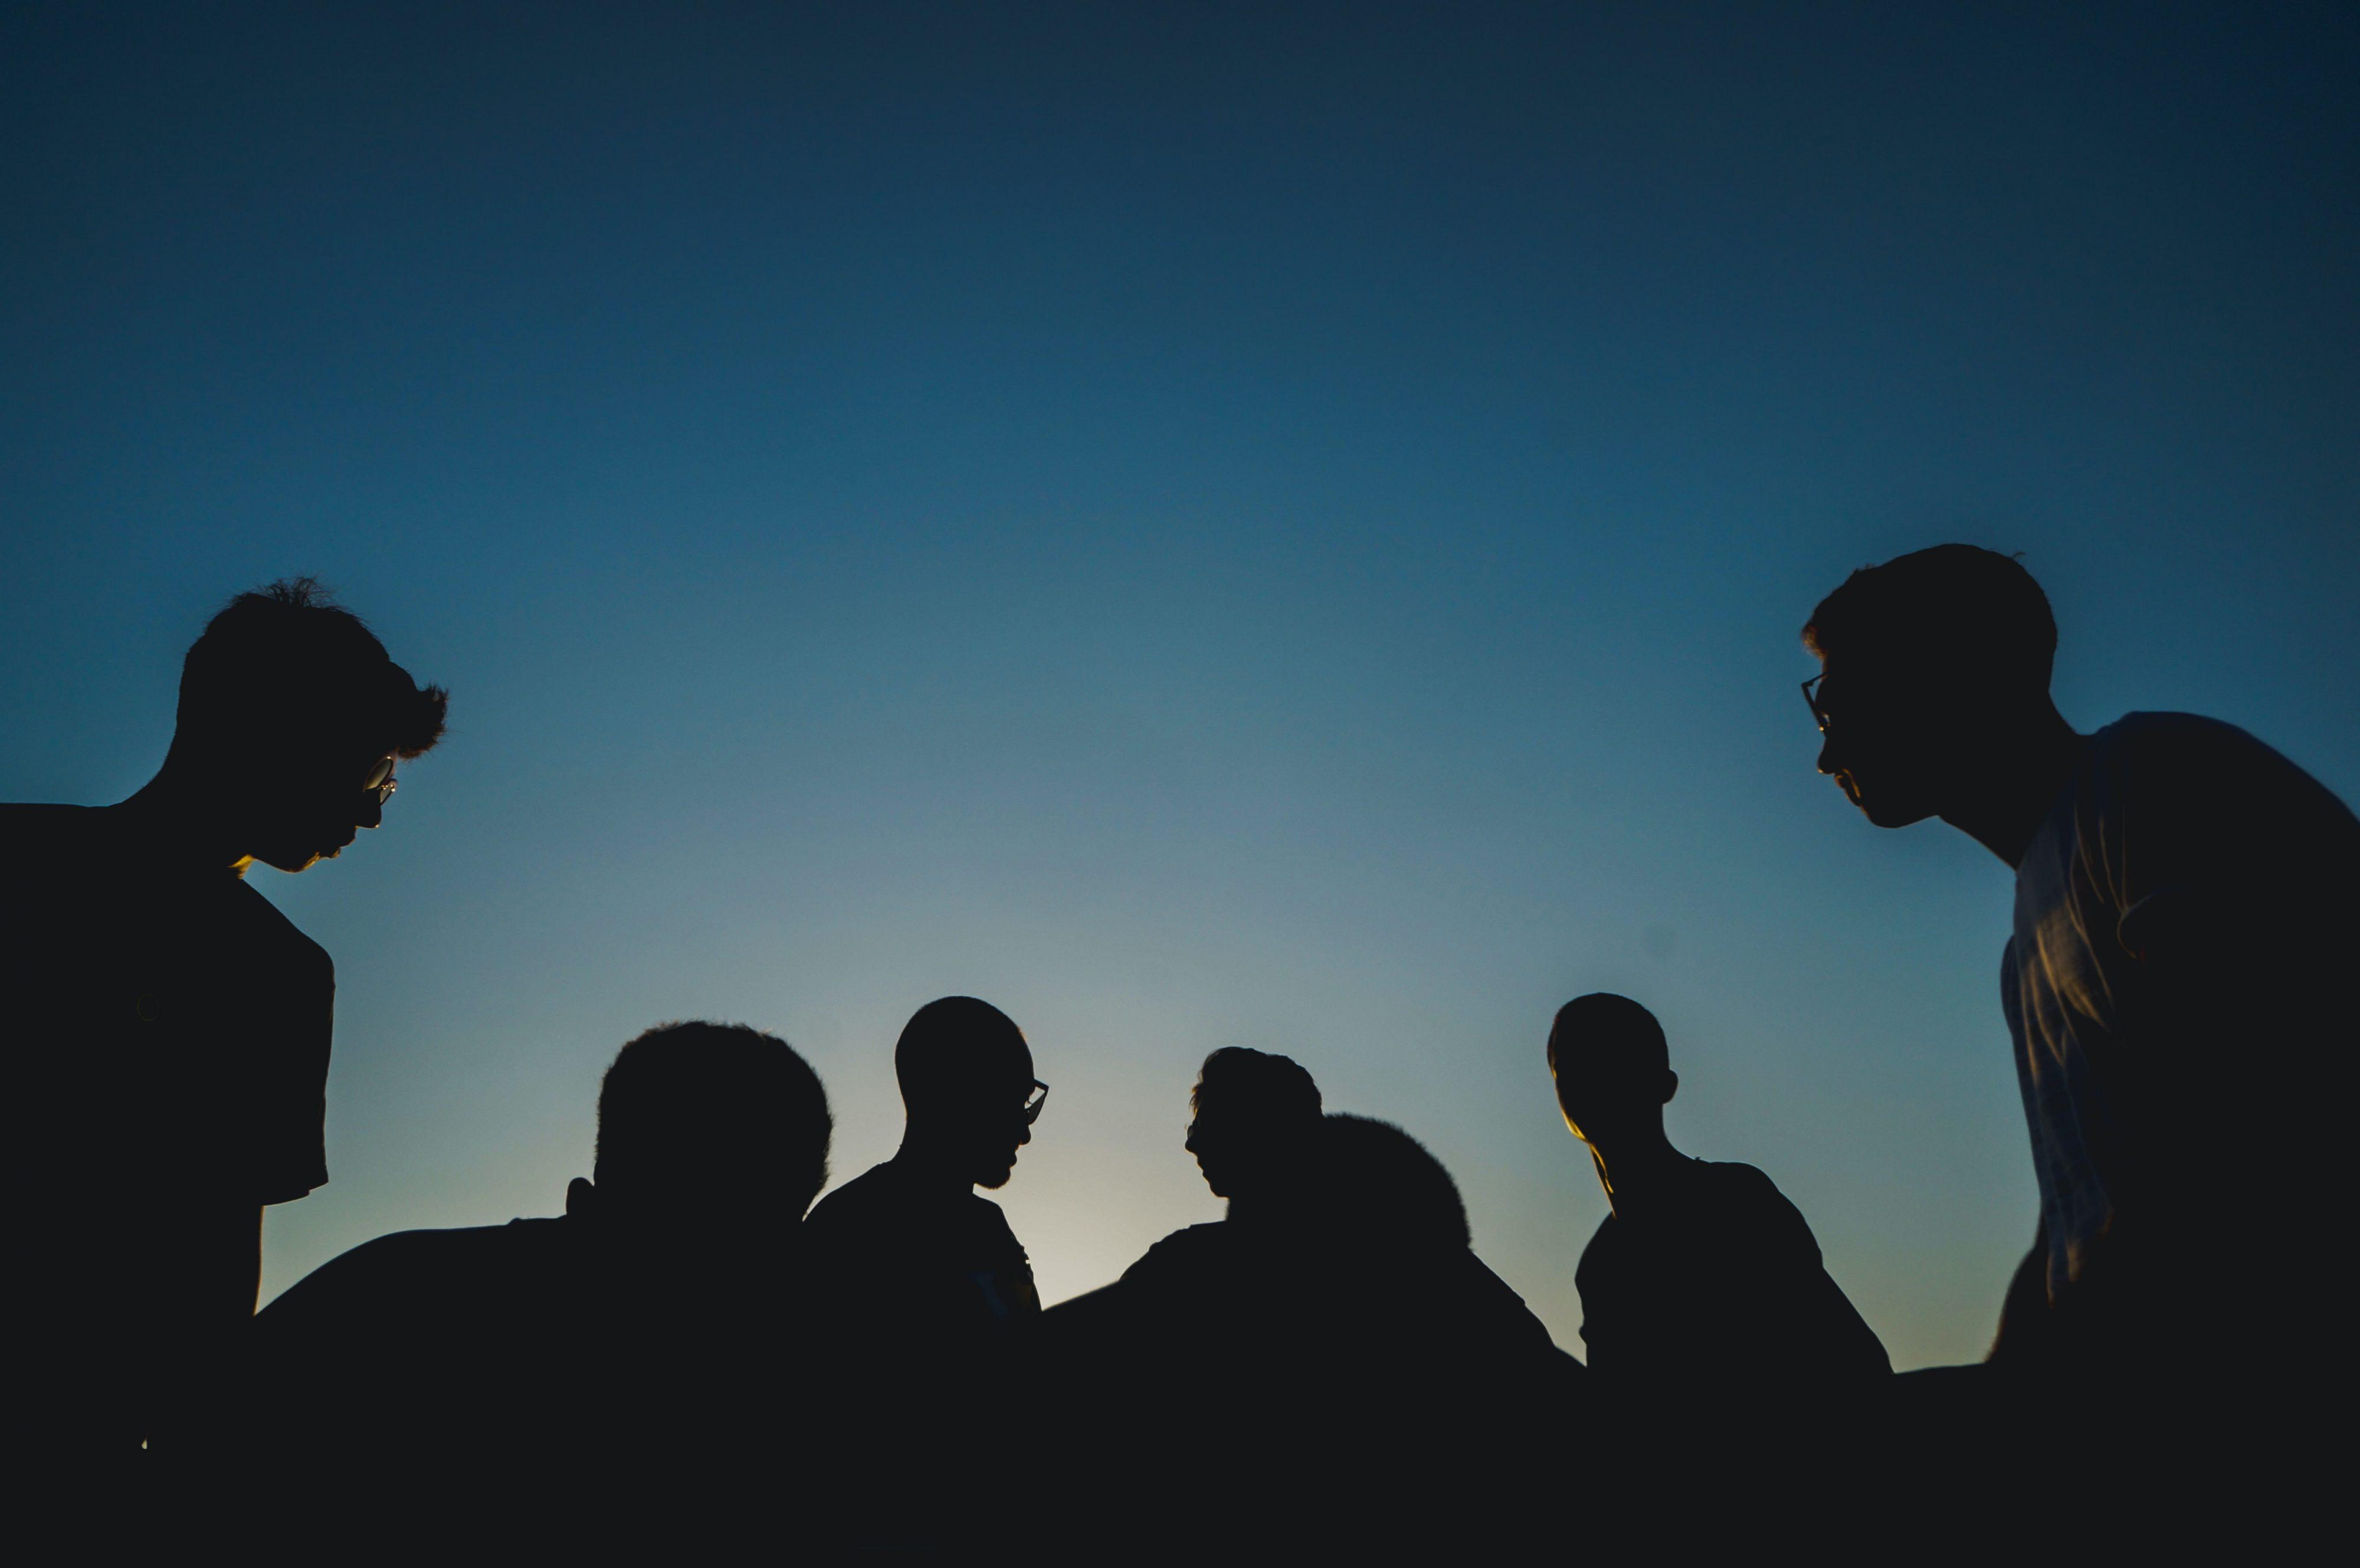 Ruotsinkielisten nuorten arki entistä epävarmempaa